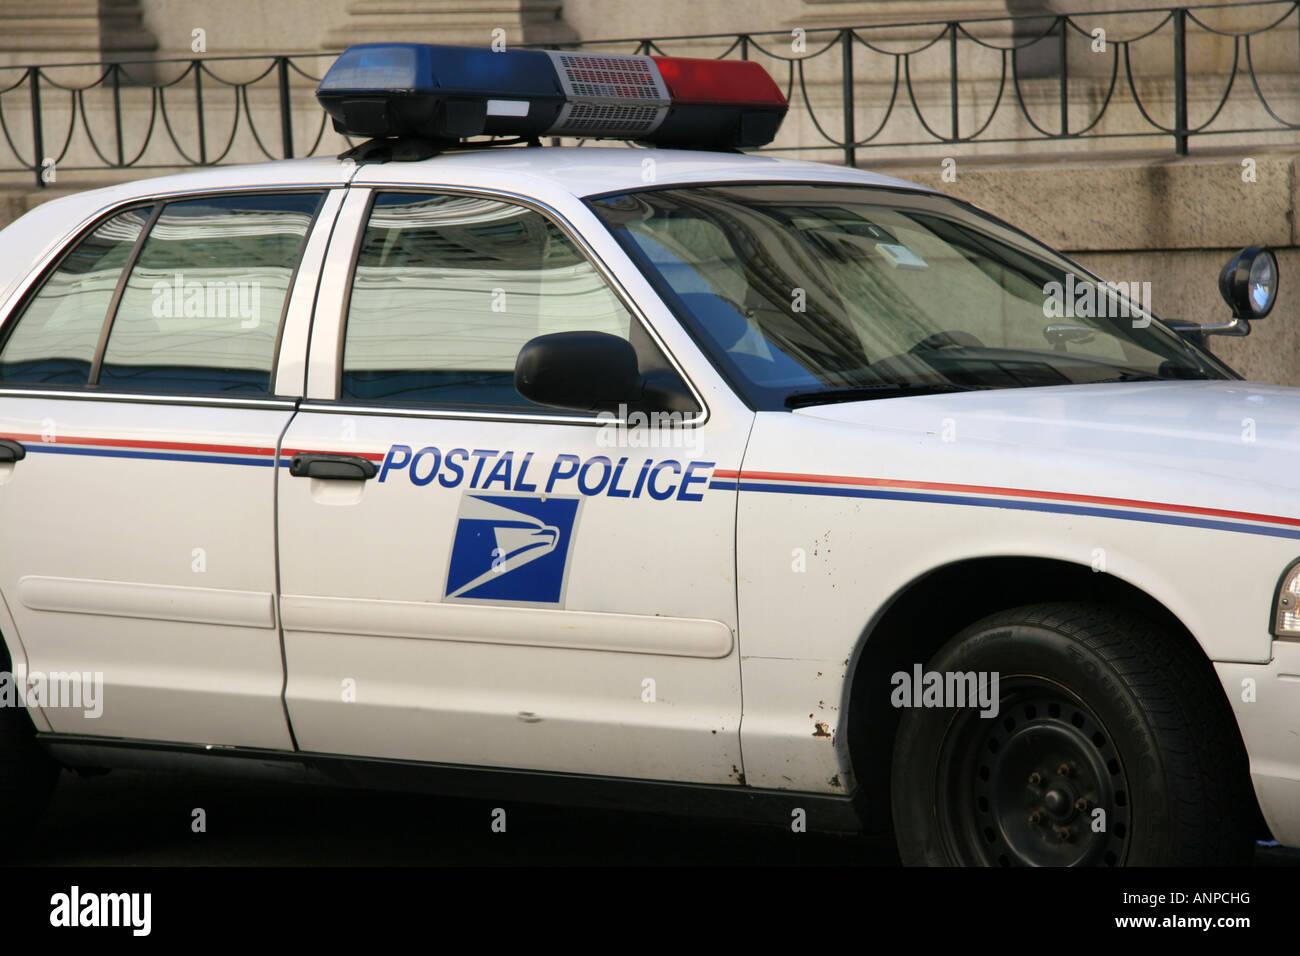 US Postal Police car - Stock Image